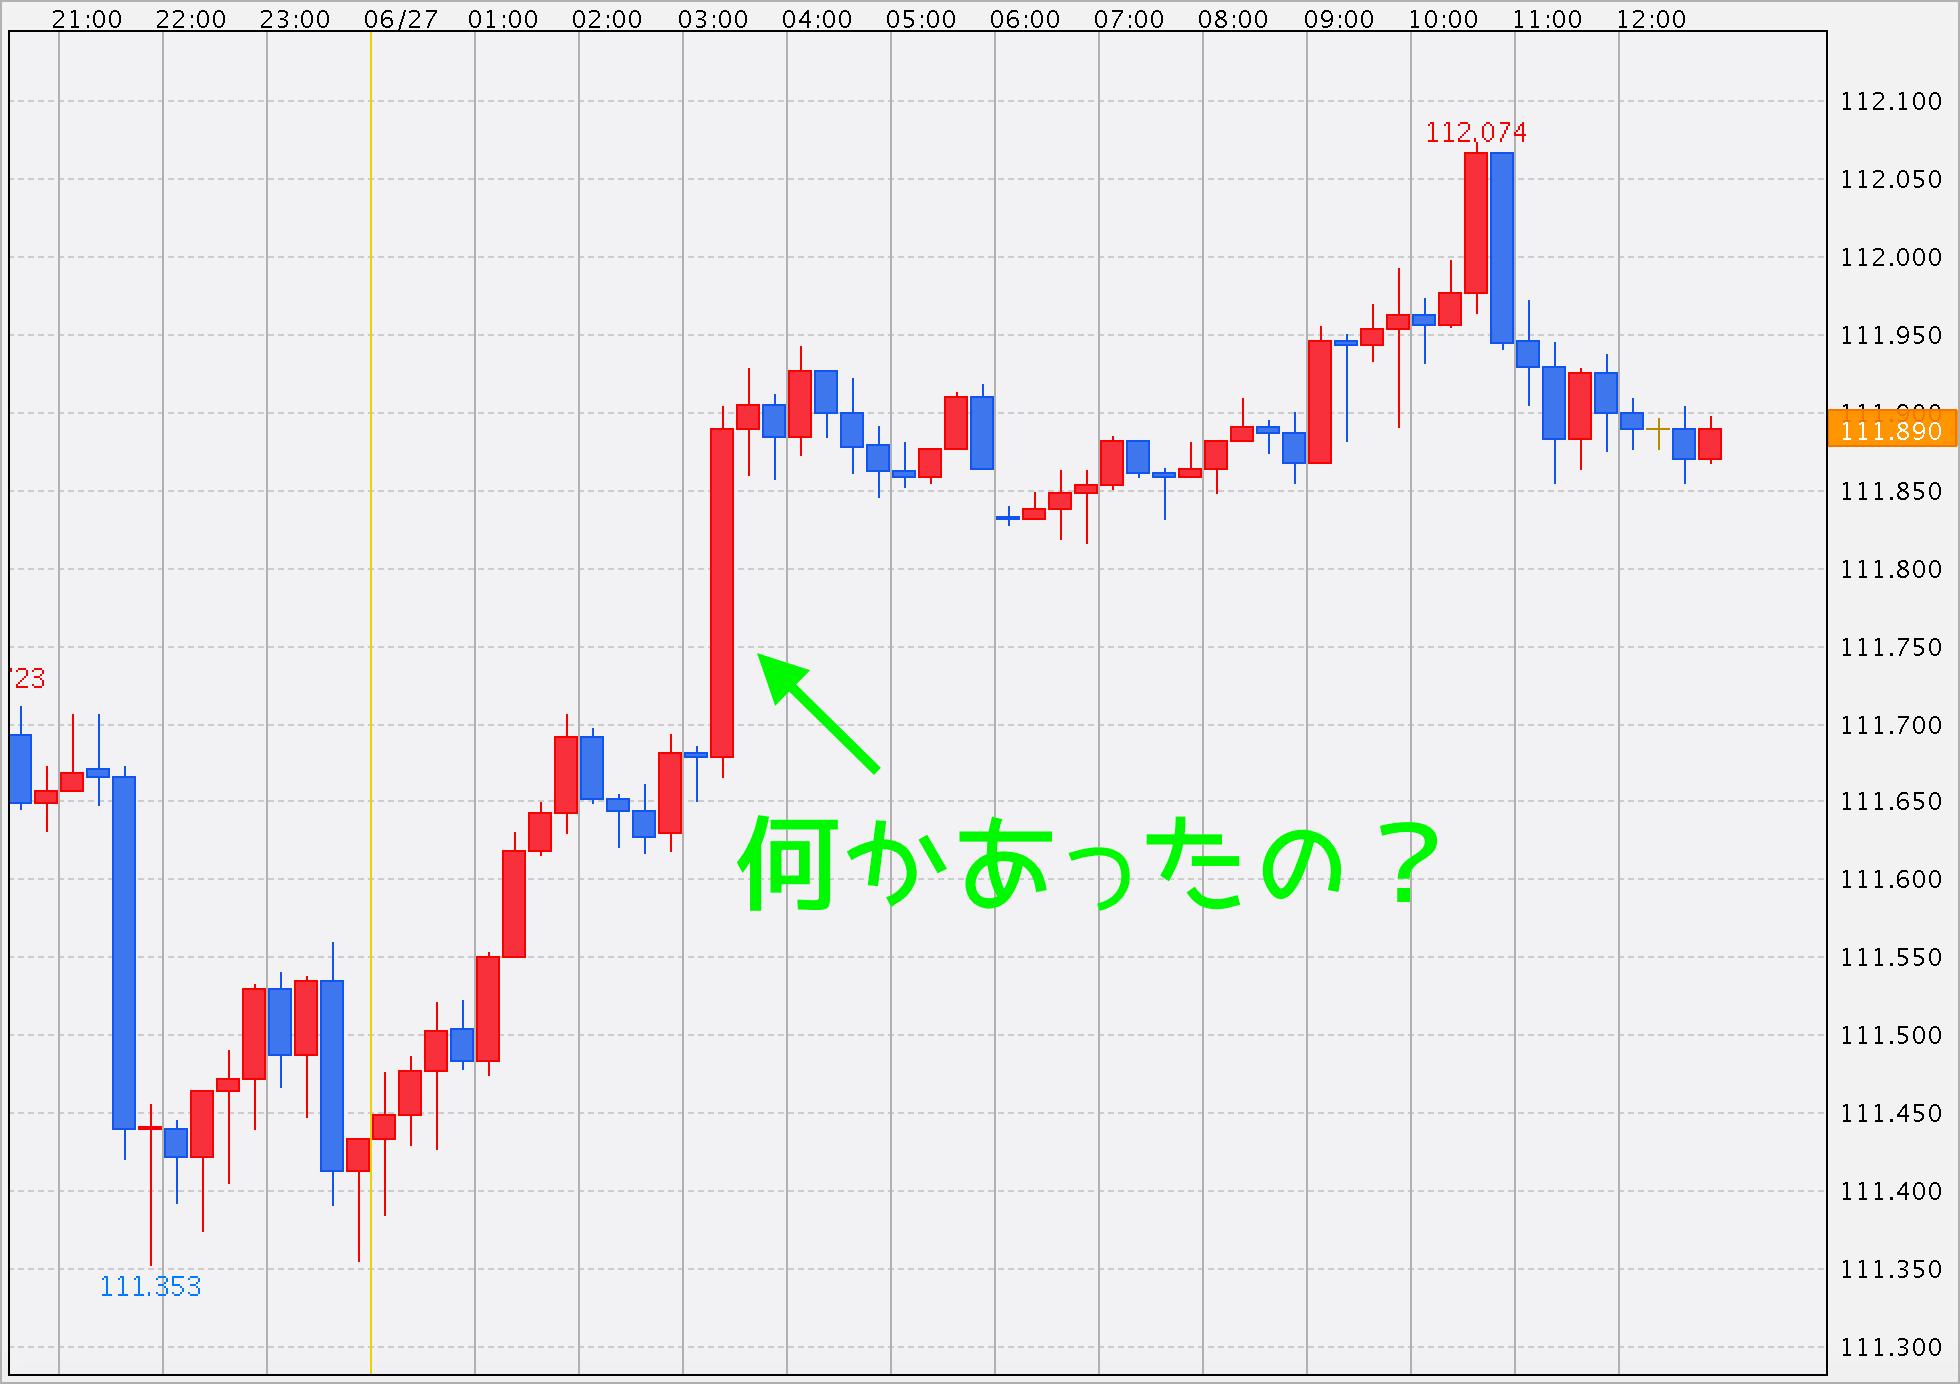 円 本日 相場 の